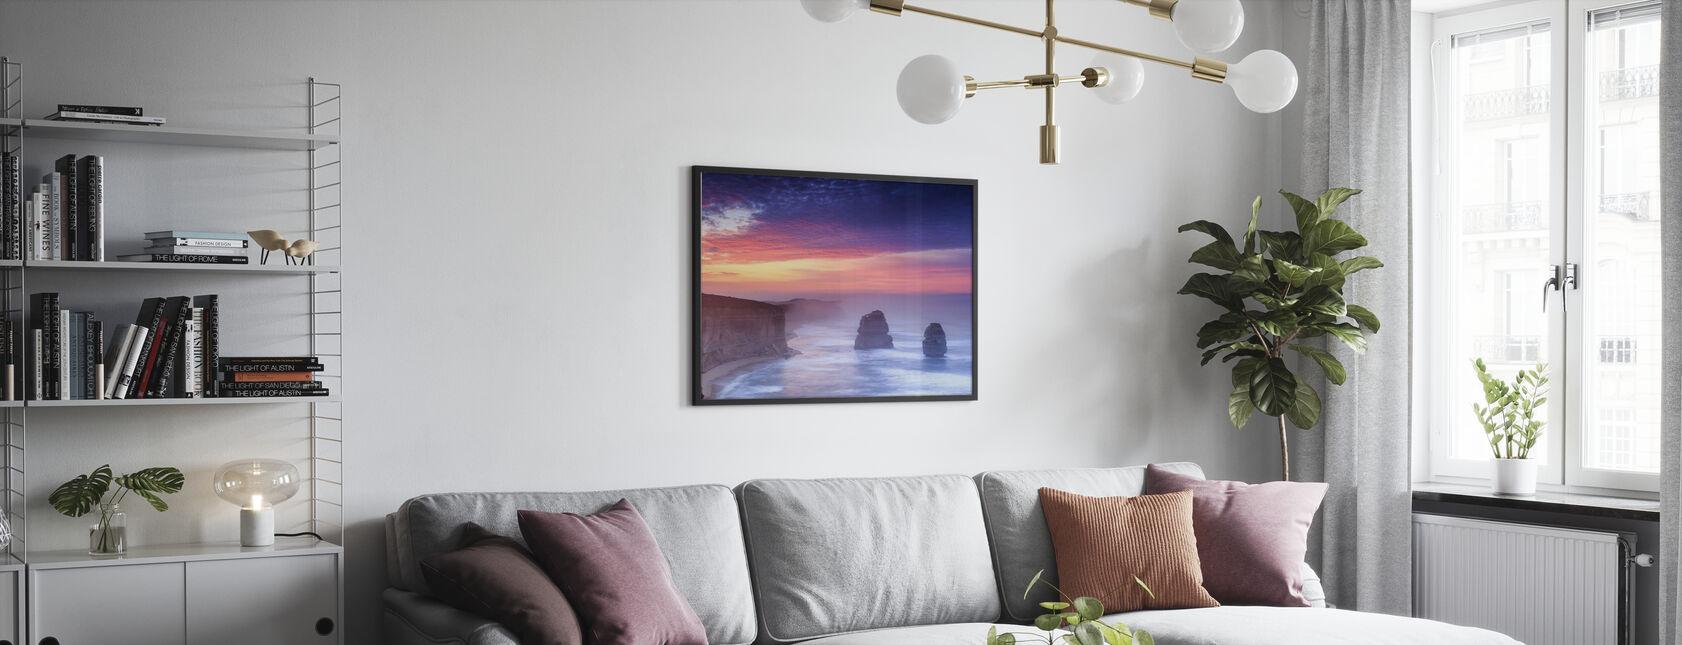 Australian Shoreline - Poster - Living Room